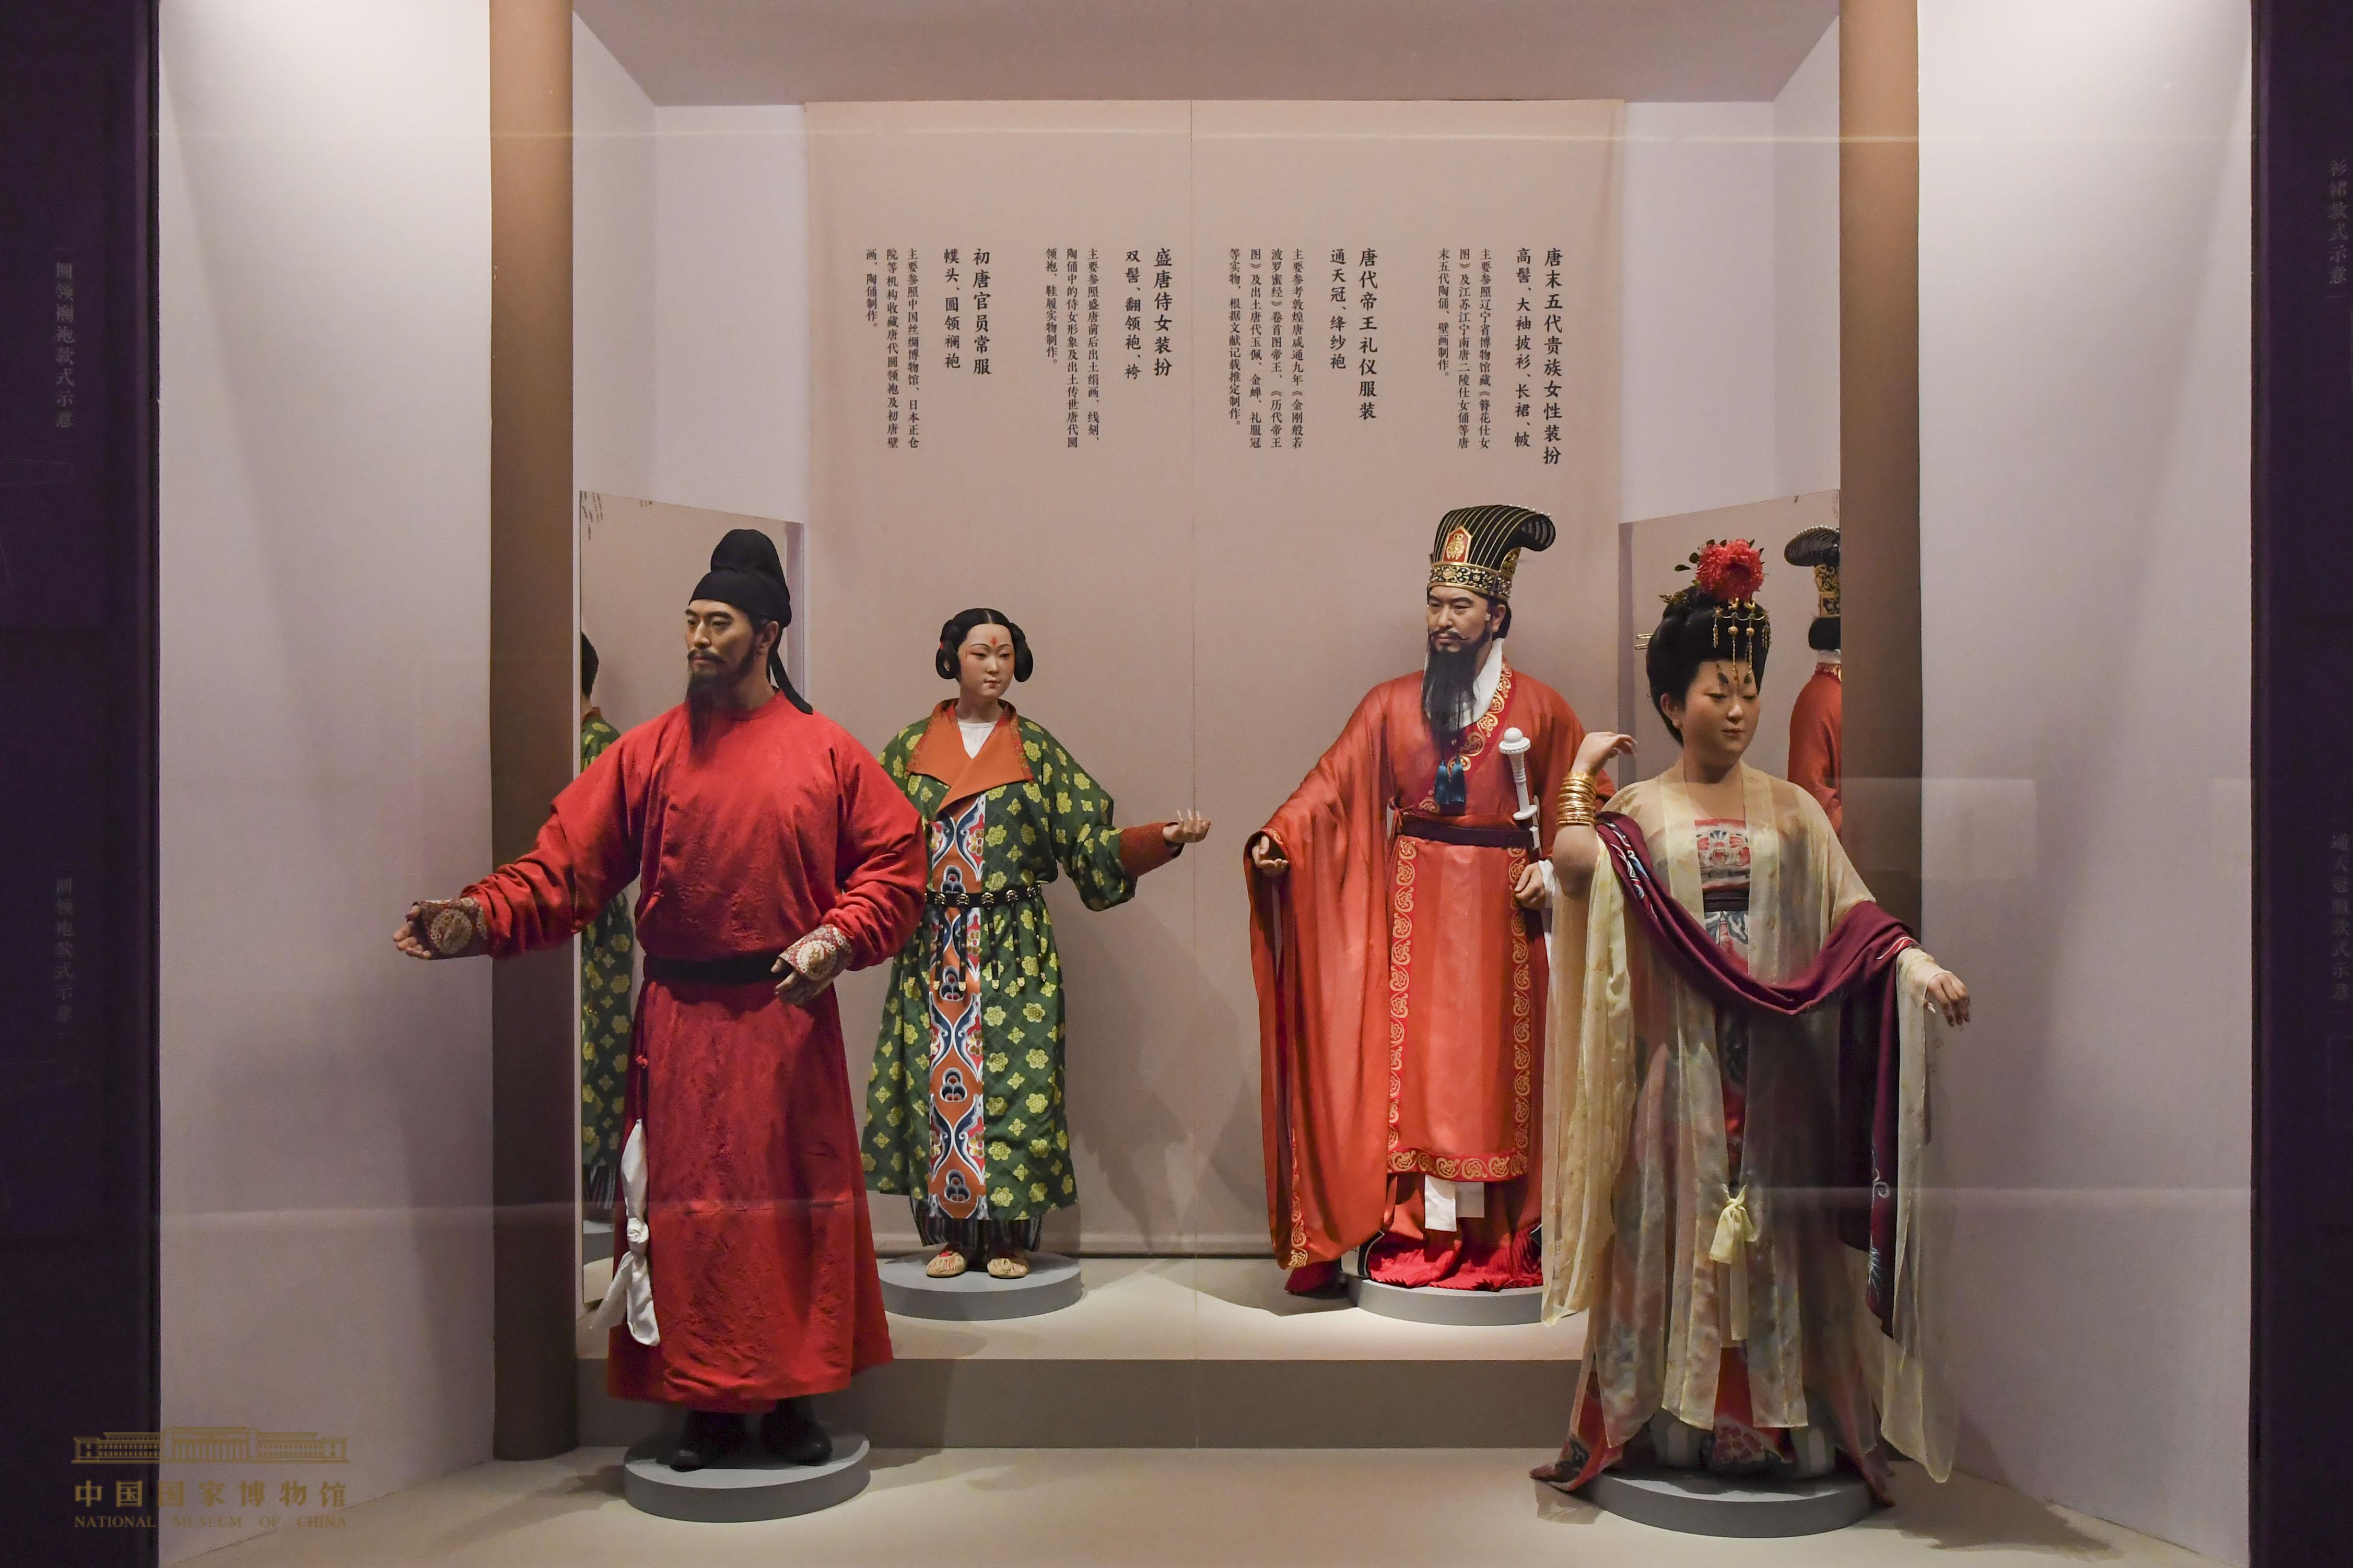 国博里的汉服风尚 130件文物带你领略历代服饰变化